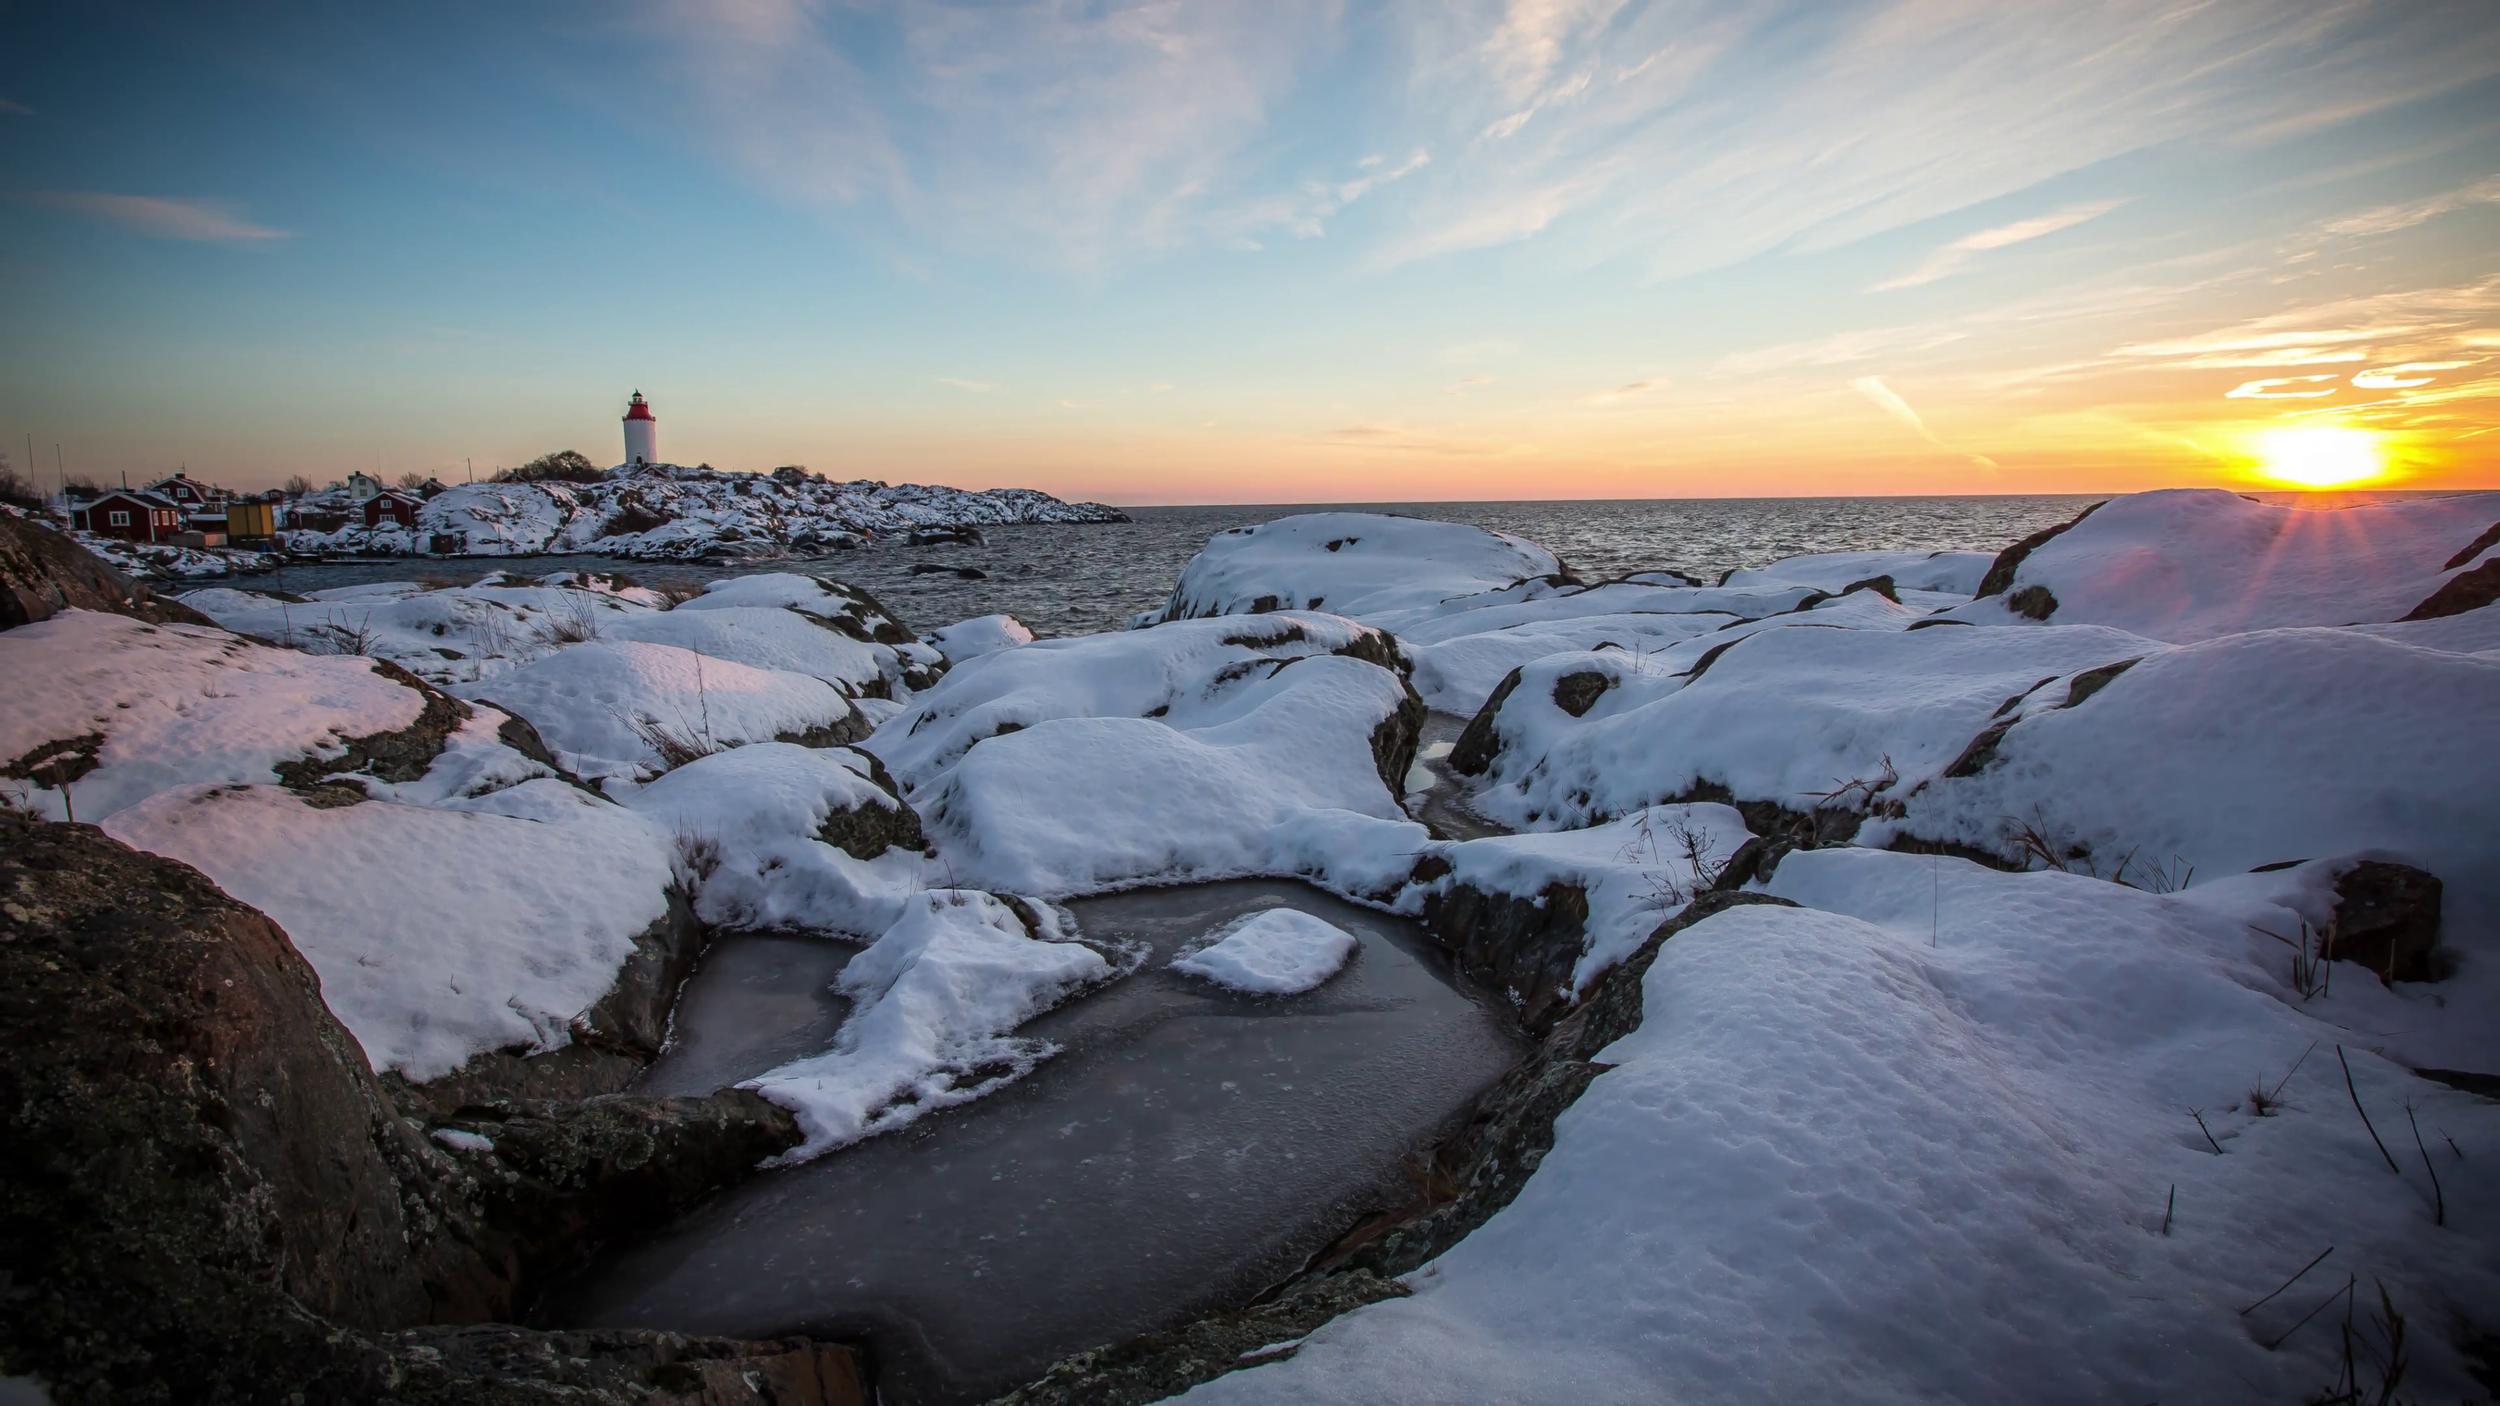 winter-in-the-stockholm-archipelago-sweden-sunset-by-landsort-lighthouse-swedens-oldest-lighthouse_nk2p-oezl__F0000.png